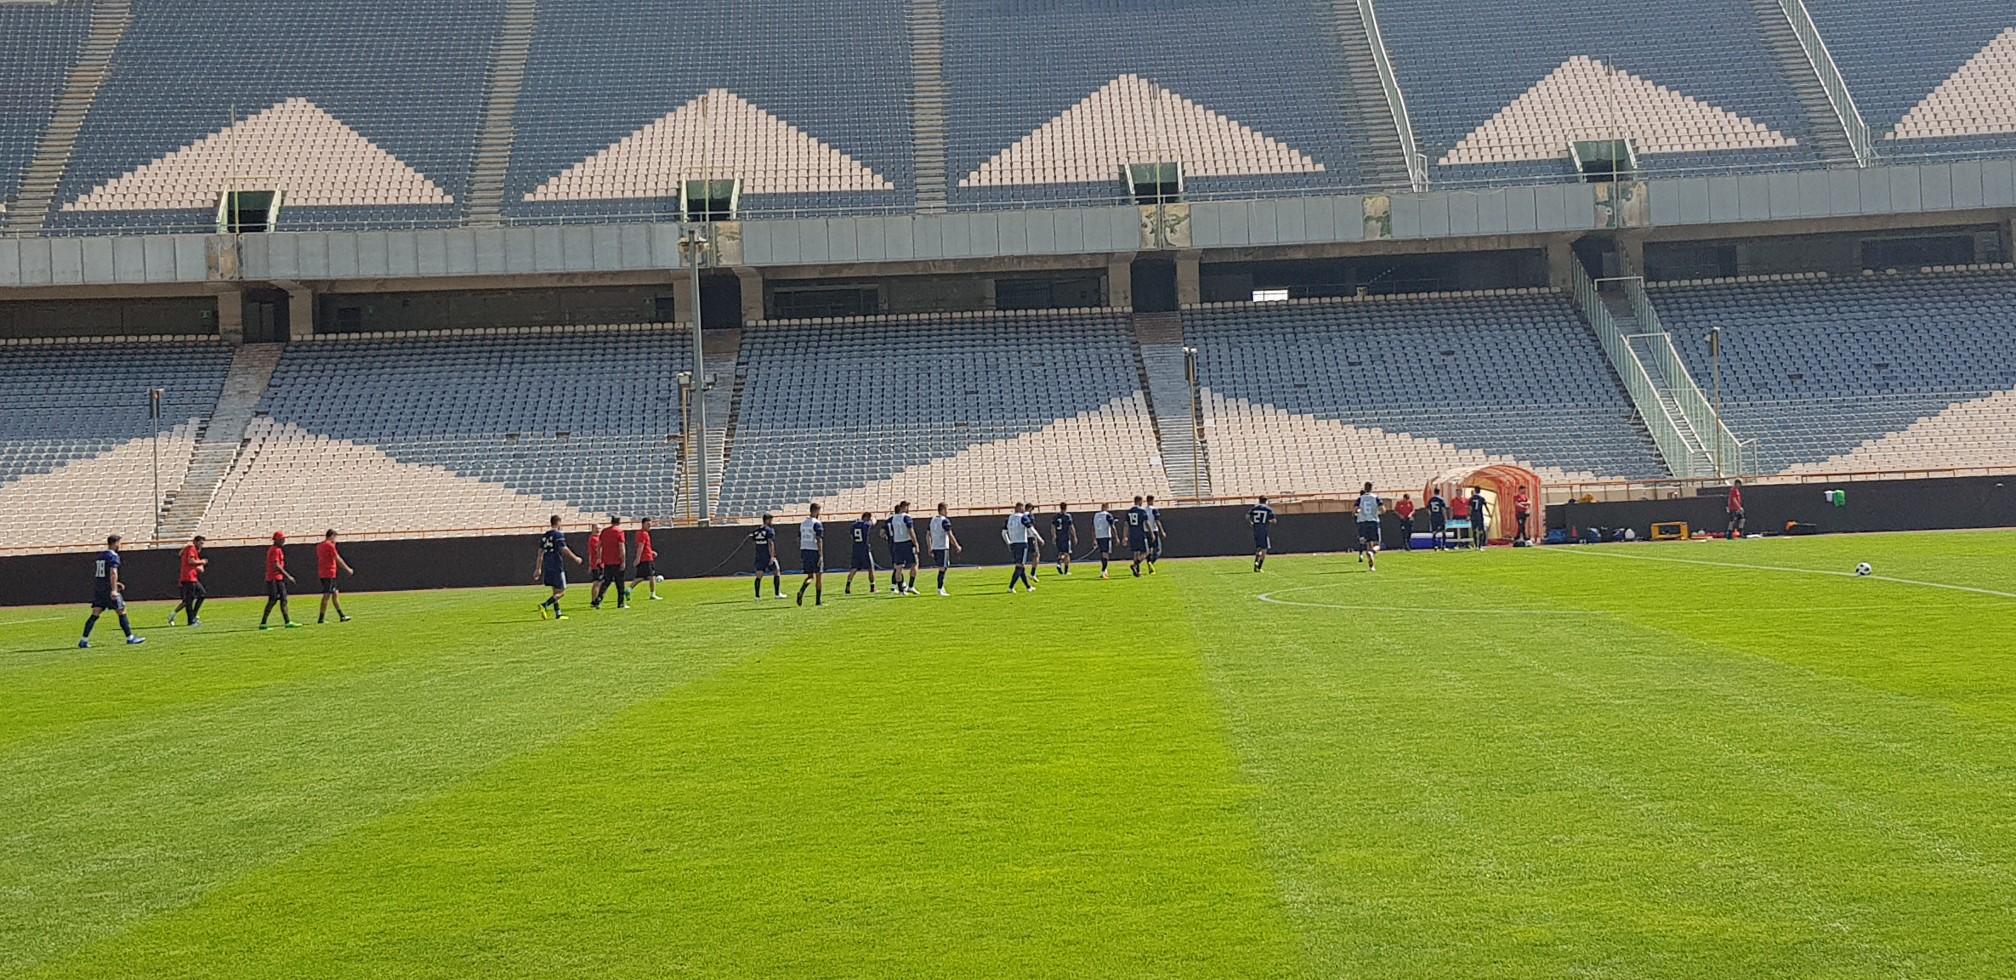 گزارش تمرین تیم ملی فوتبال / رضایی بازی با ازبکستان را از دست داد